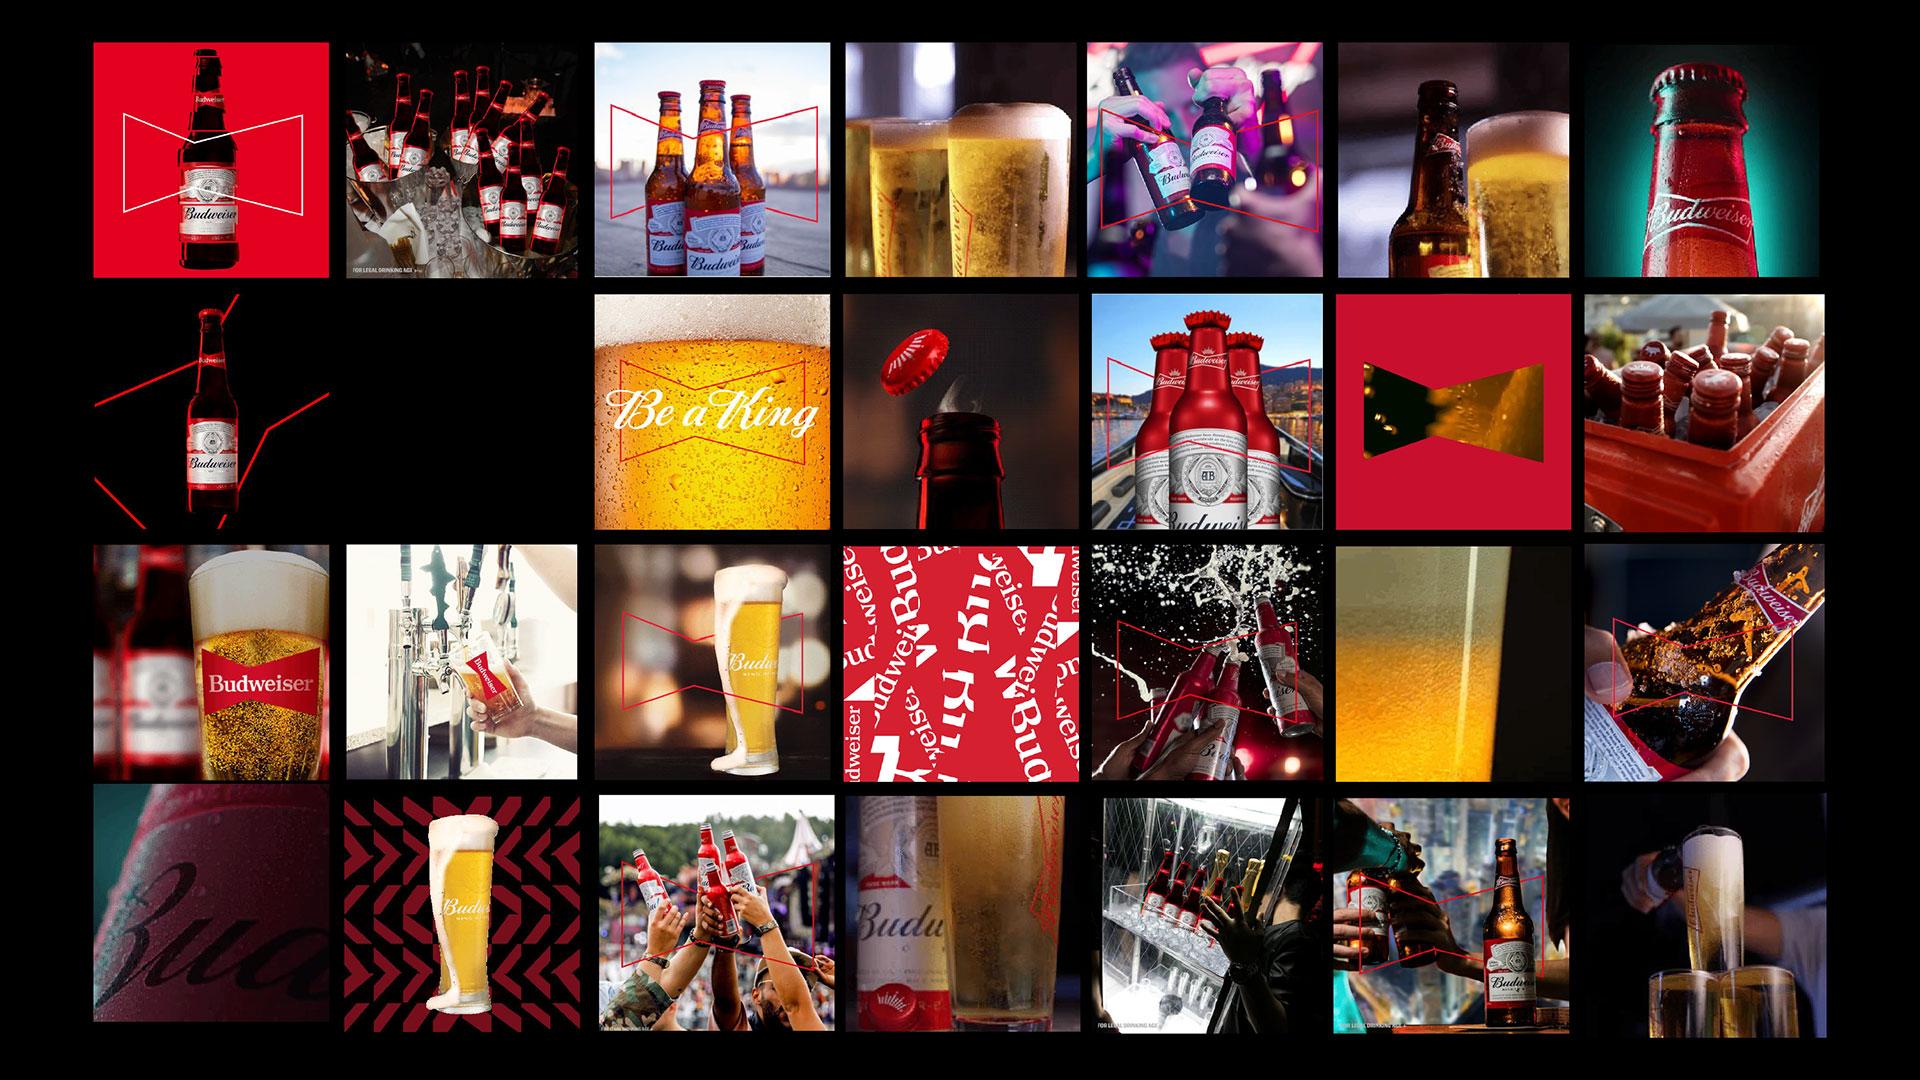 Budweiser 02 - 360 Grados